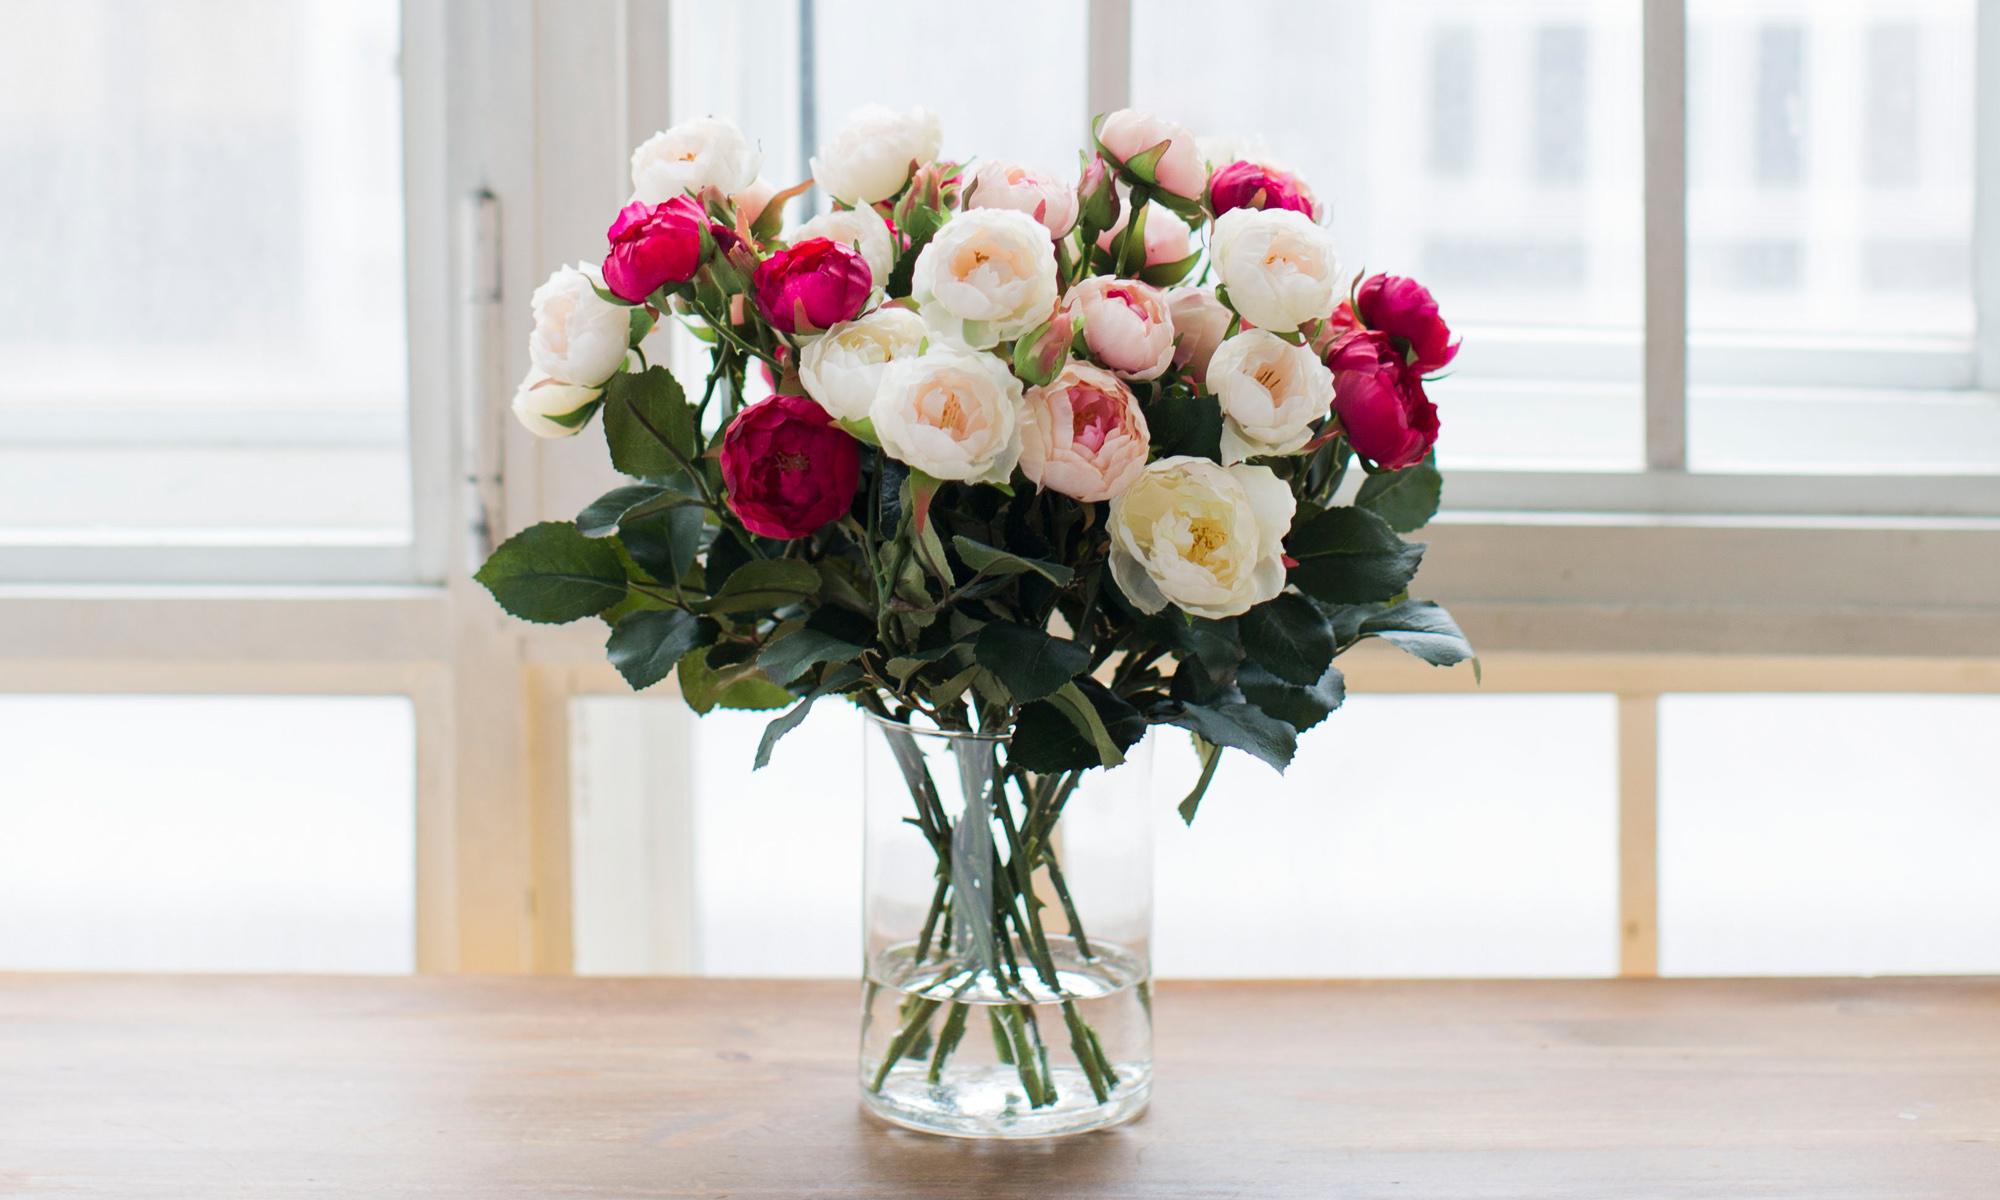 Купить Композиция из искусственных цветов - кустовые розы лотте, inmyroom, Россия